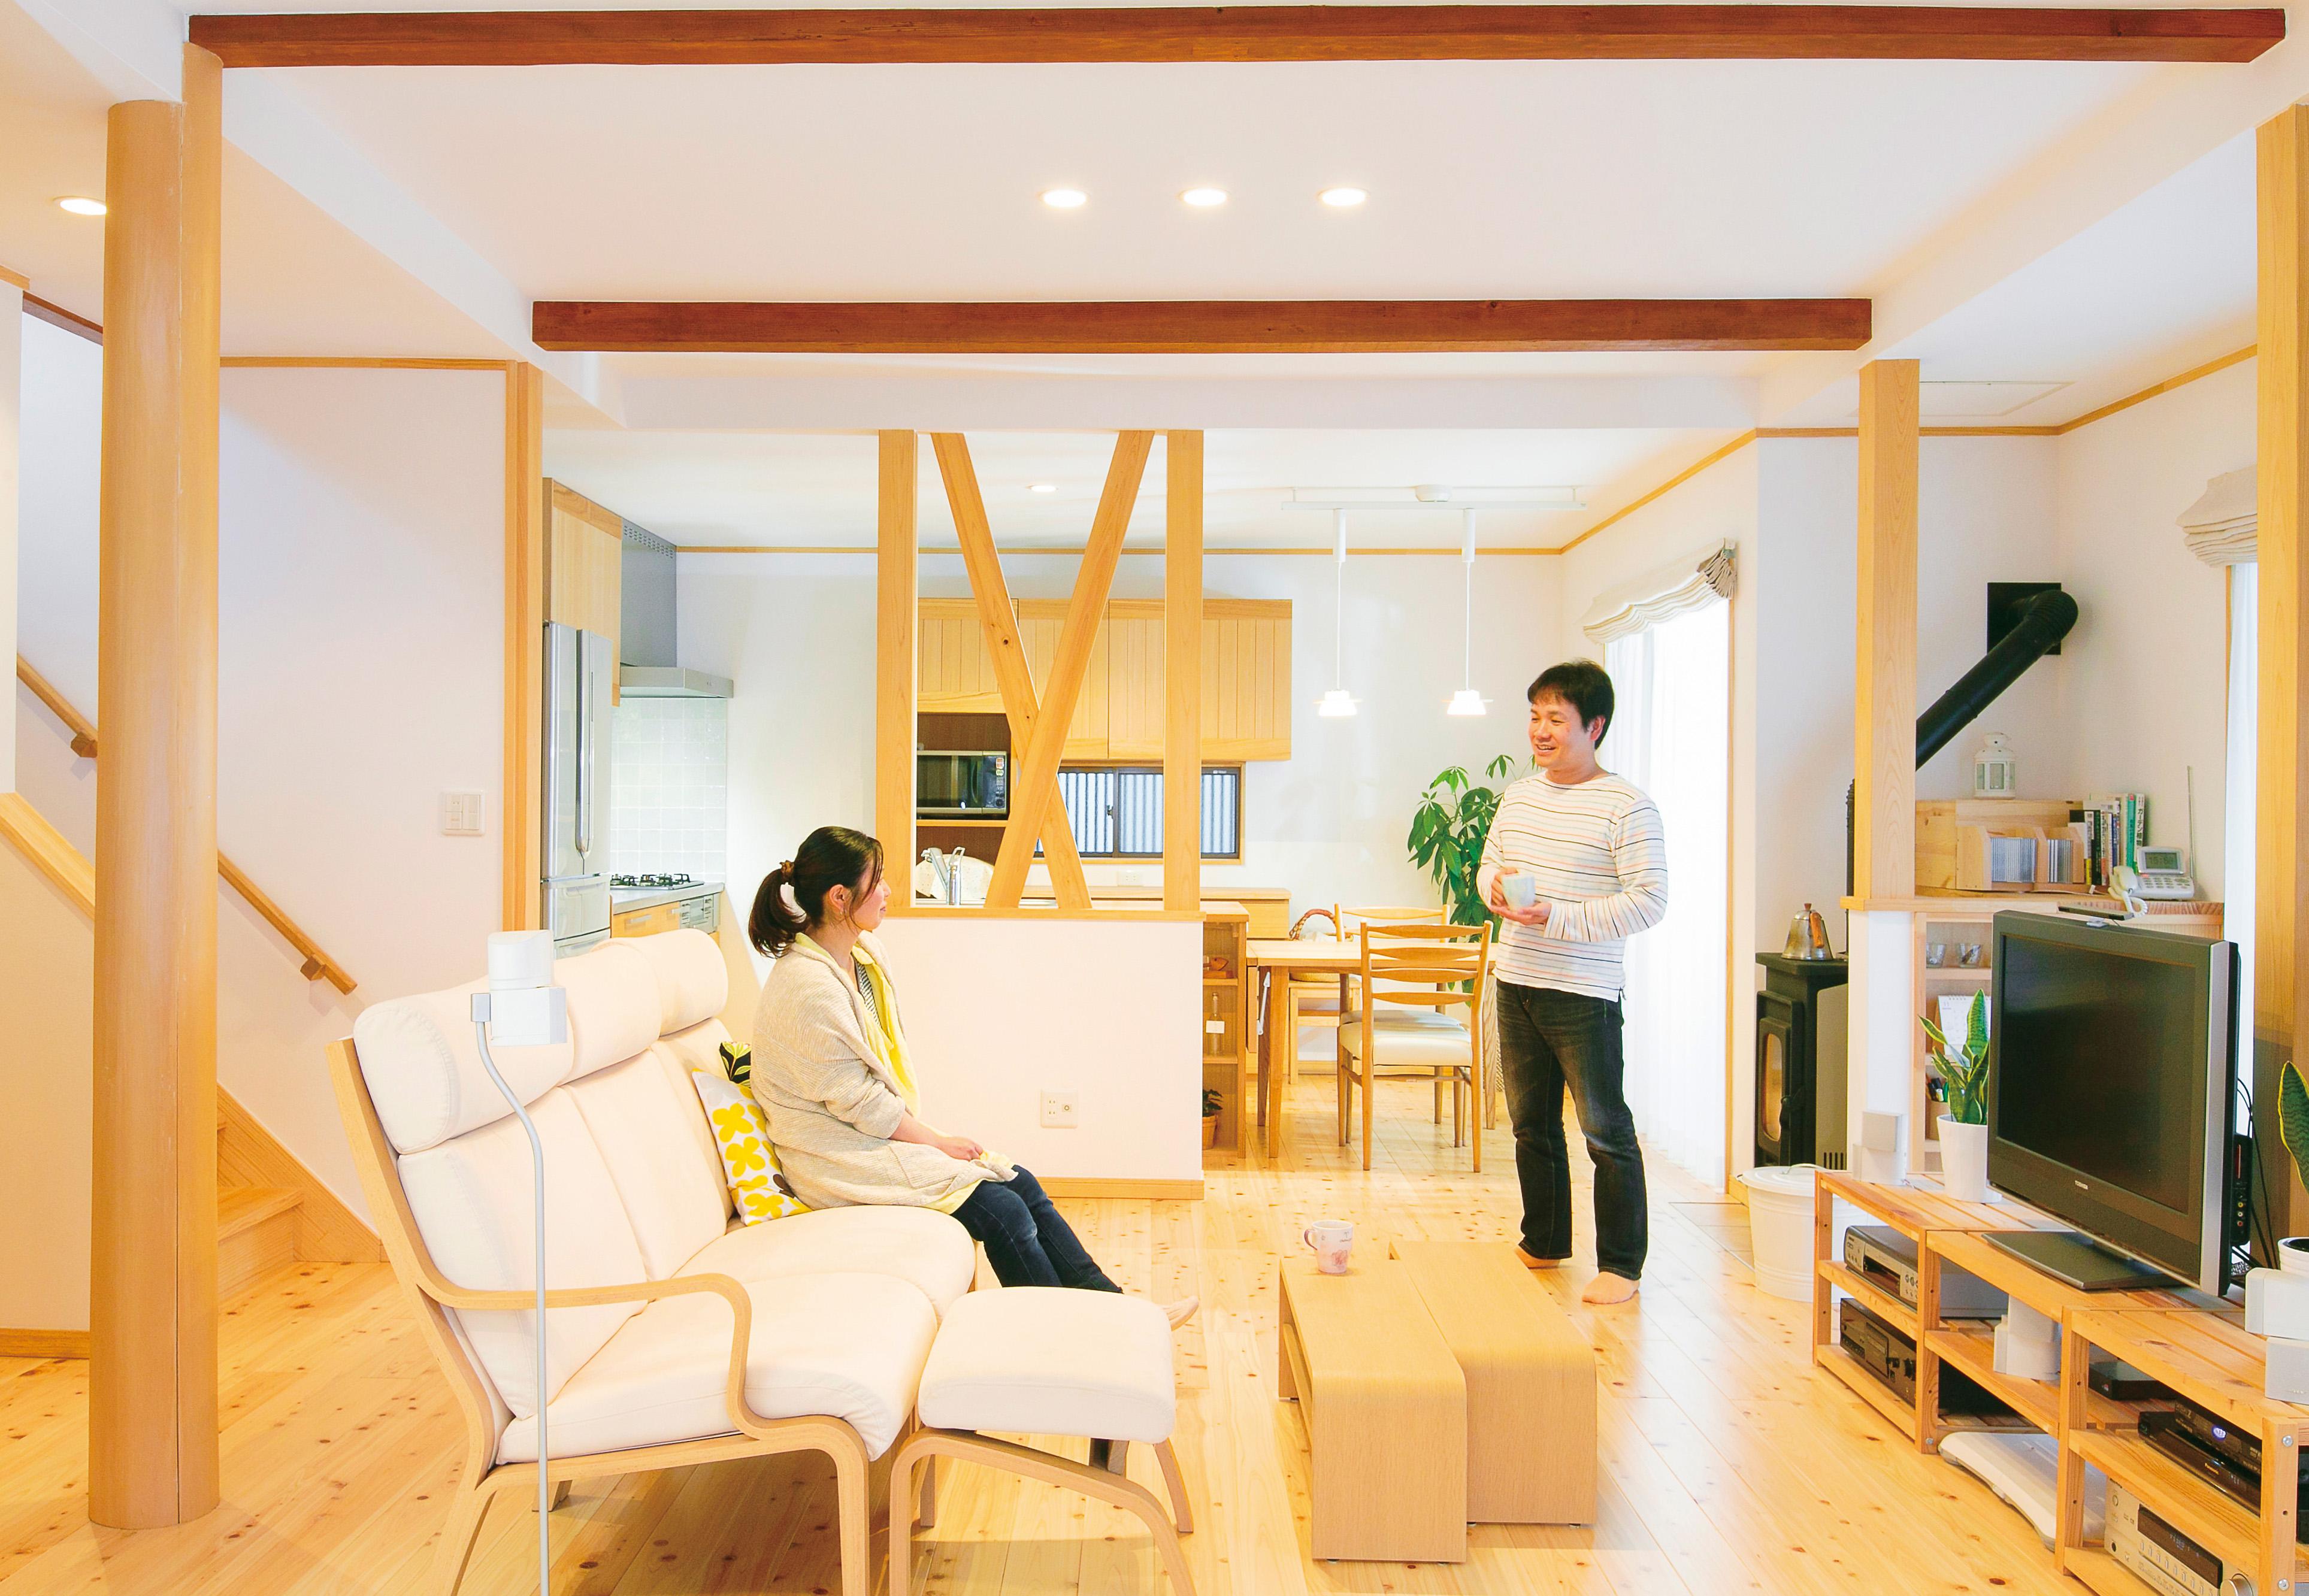 「木ごころリフォーム」で中古住宅を新築同様に再生